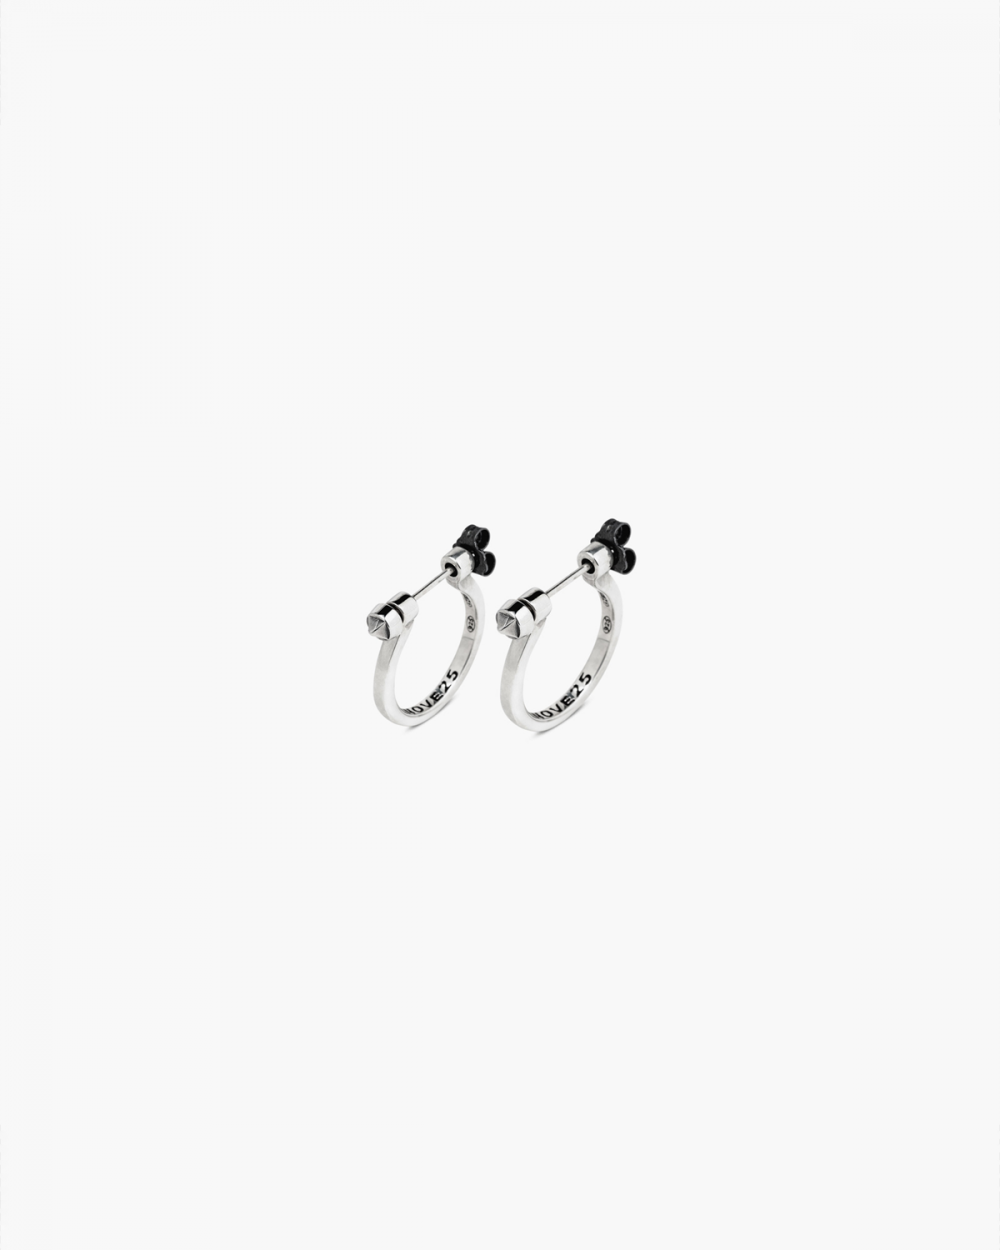 Earrings HANDCUFF PAIR EARRINGS NOVE25